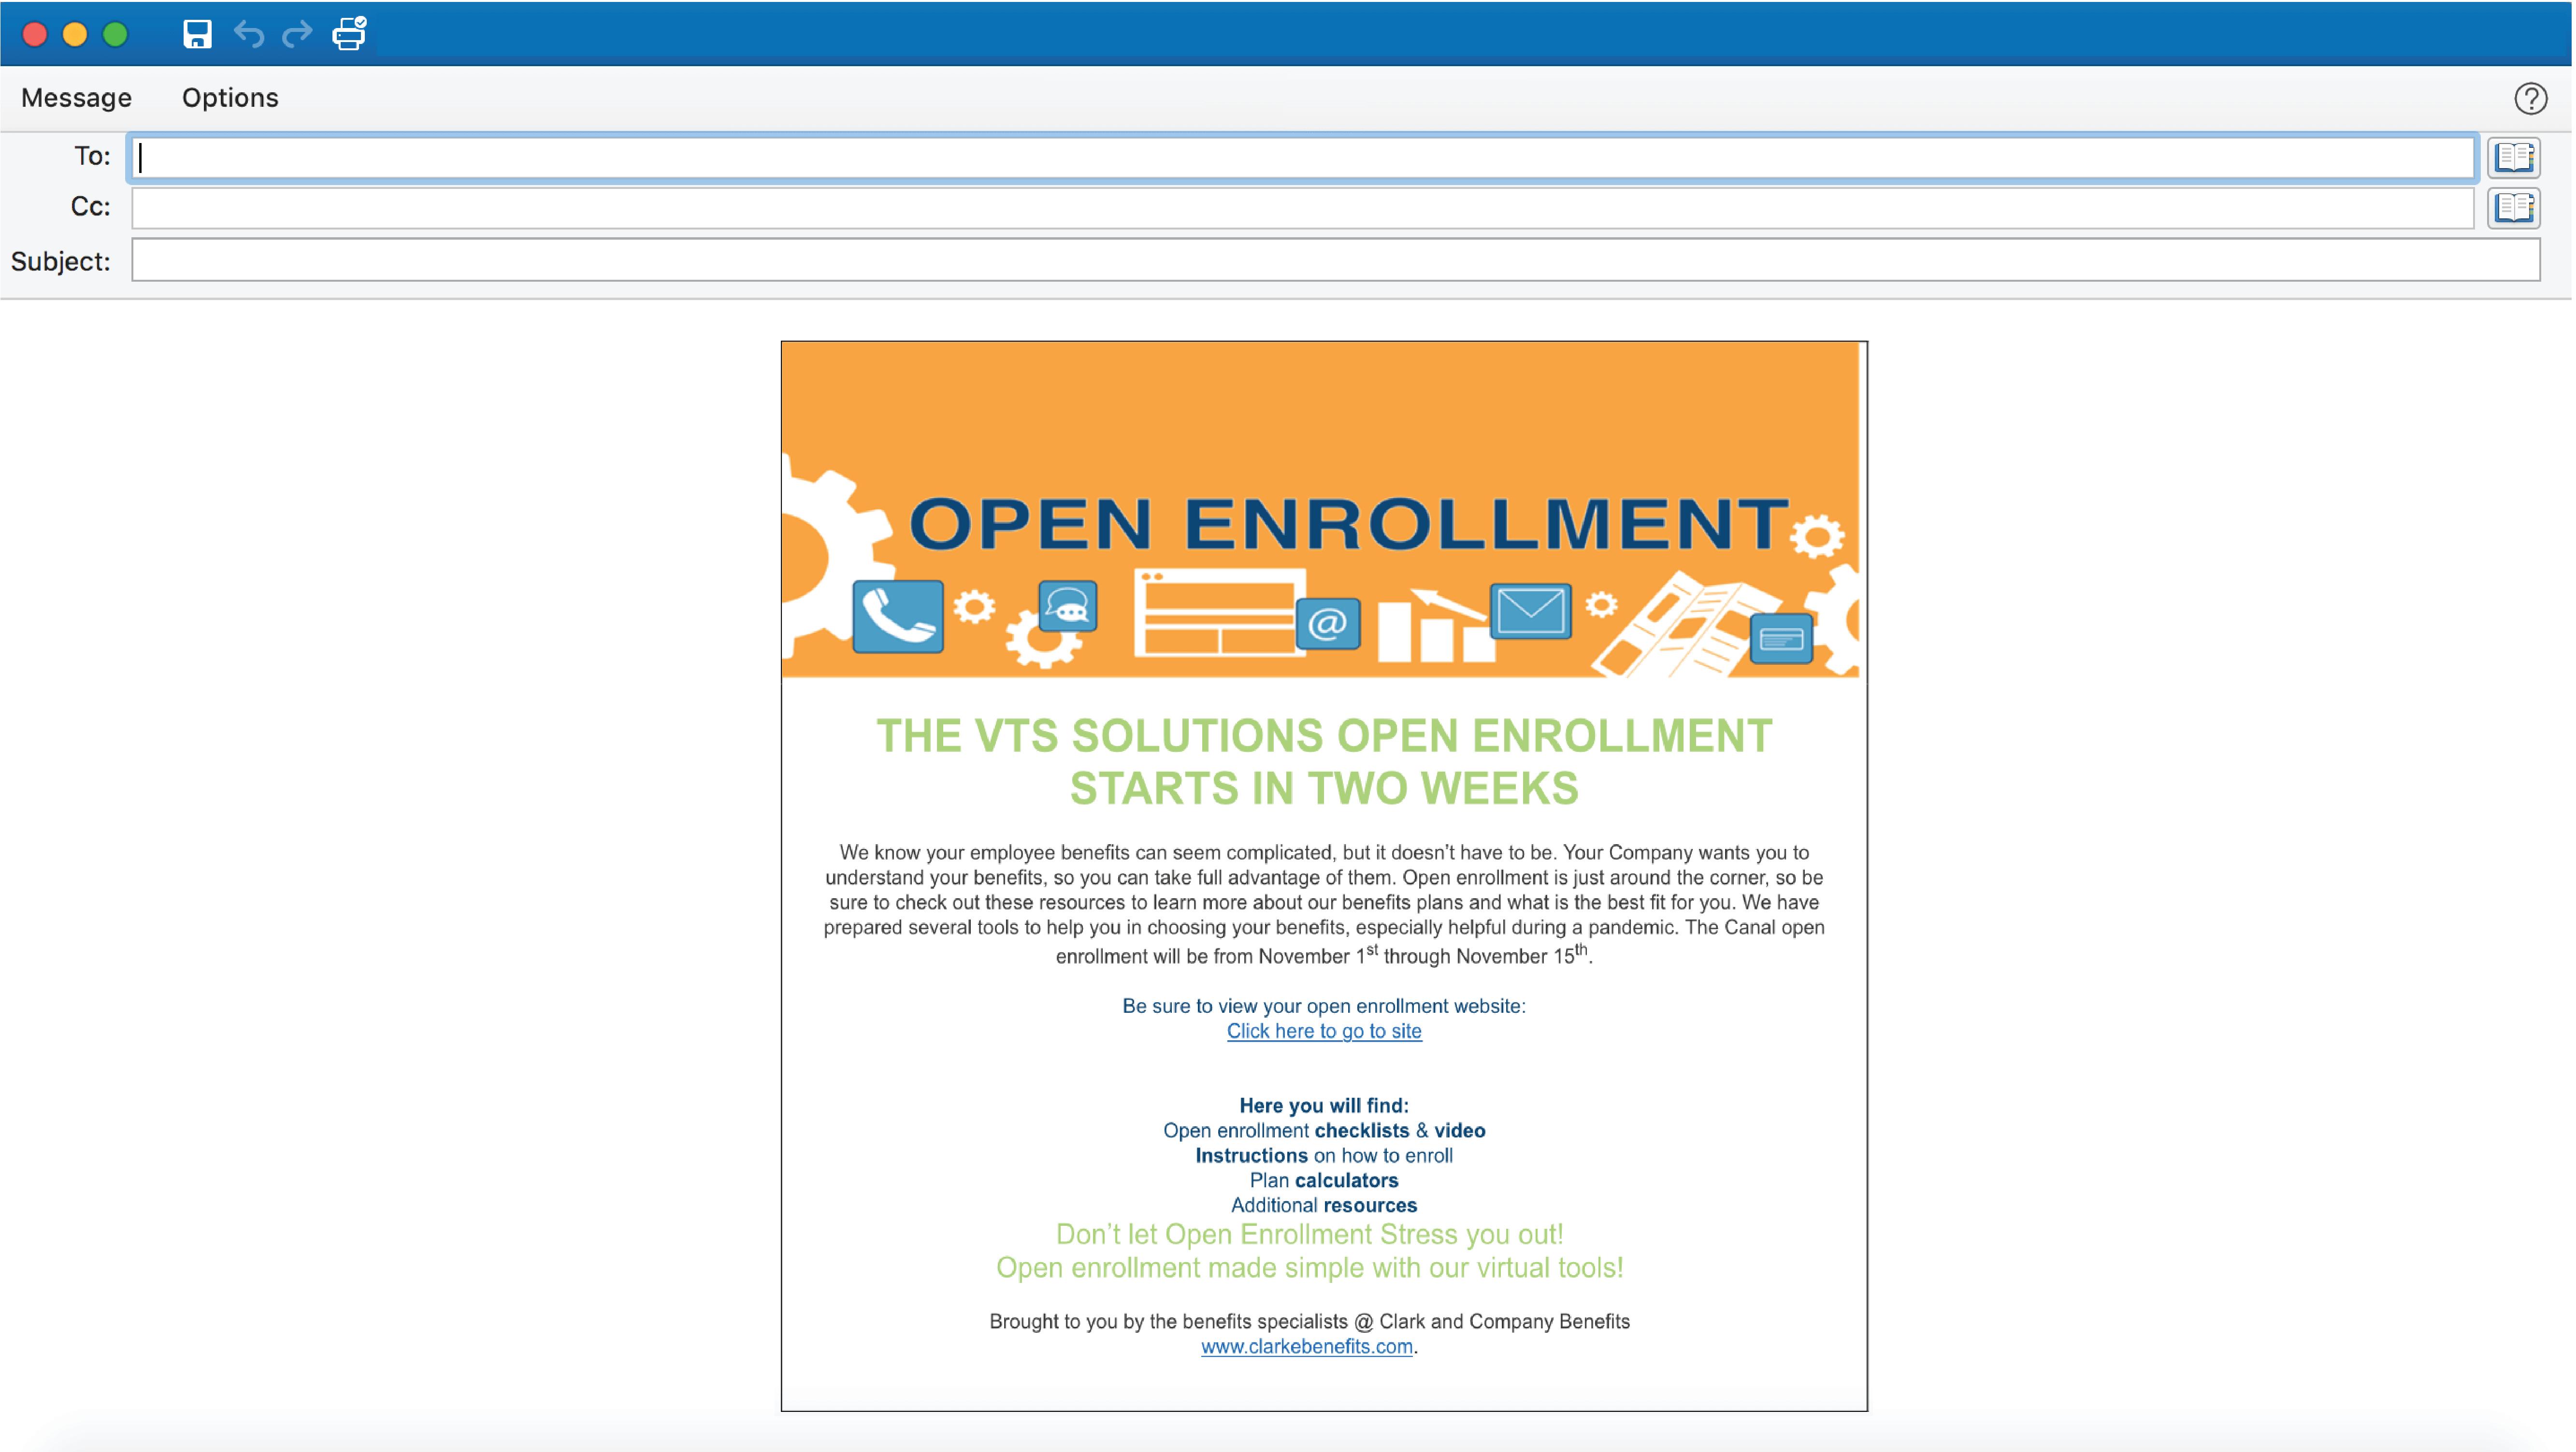 openenrollmentemail-01